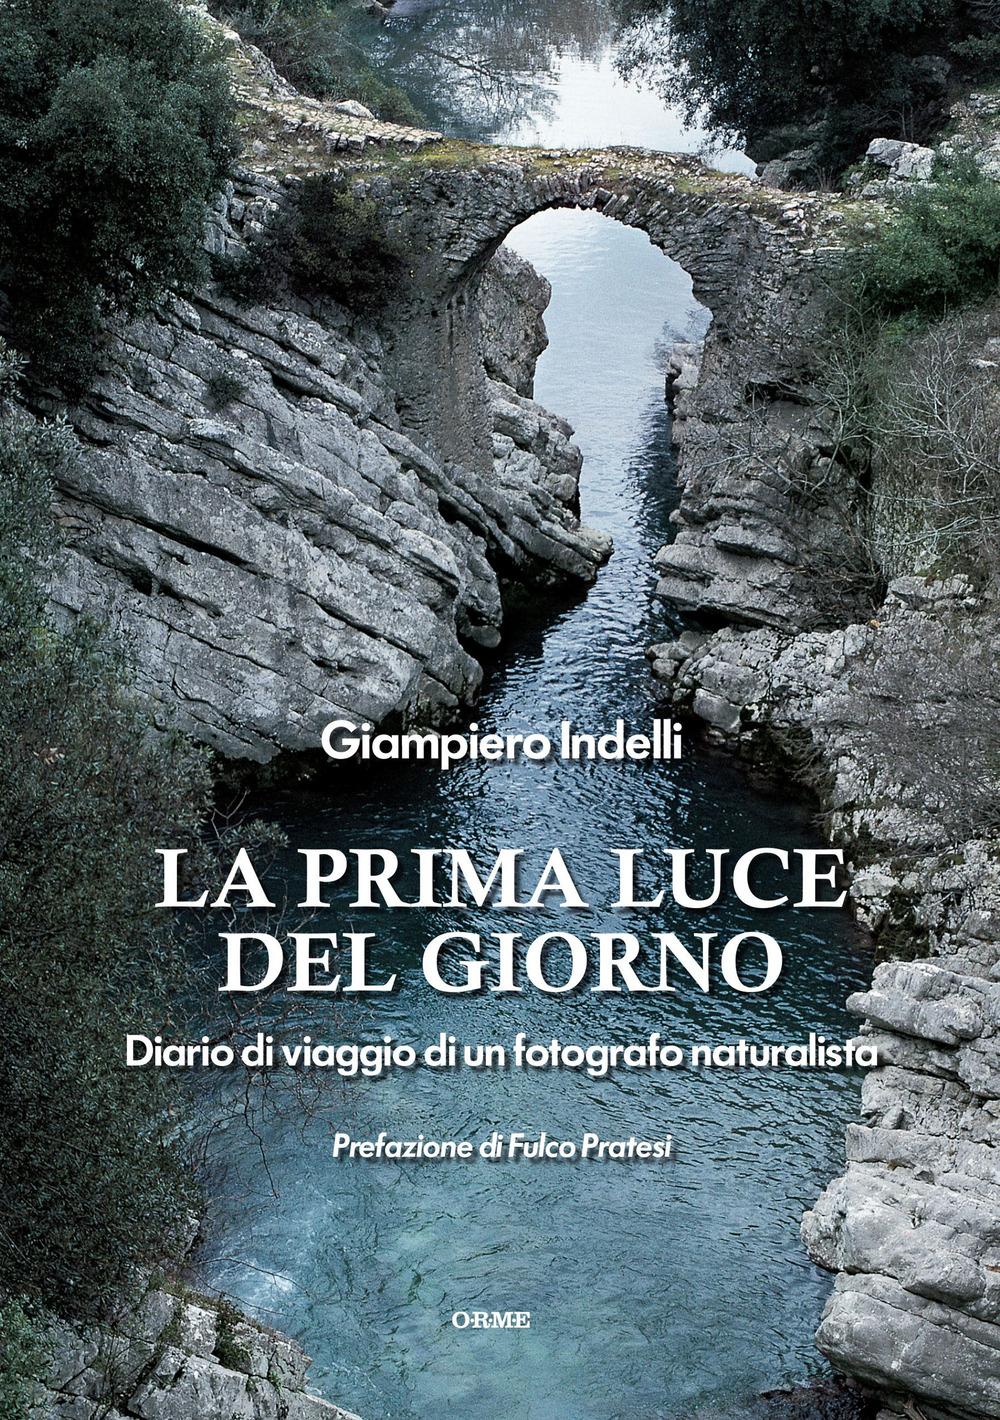 LA PRIMA LUCE DEL GIORNO - GIAMPIERO INDELLI - 9788867101498